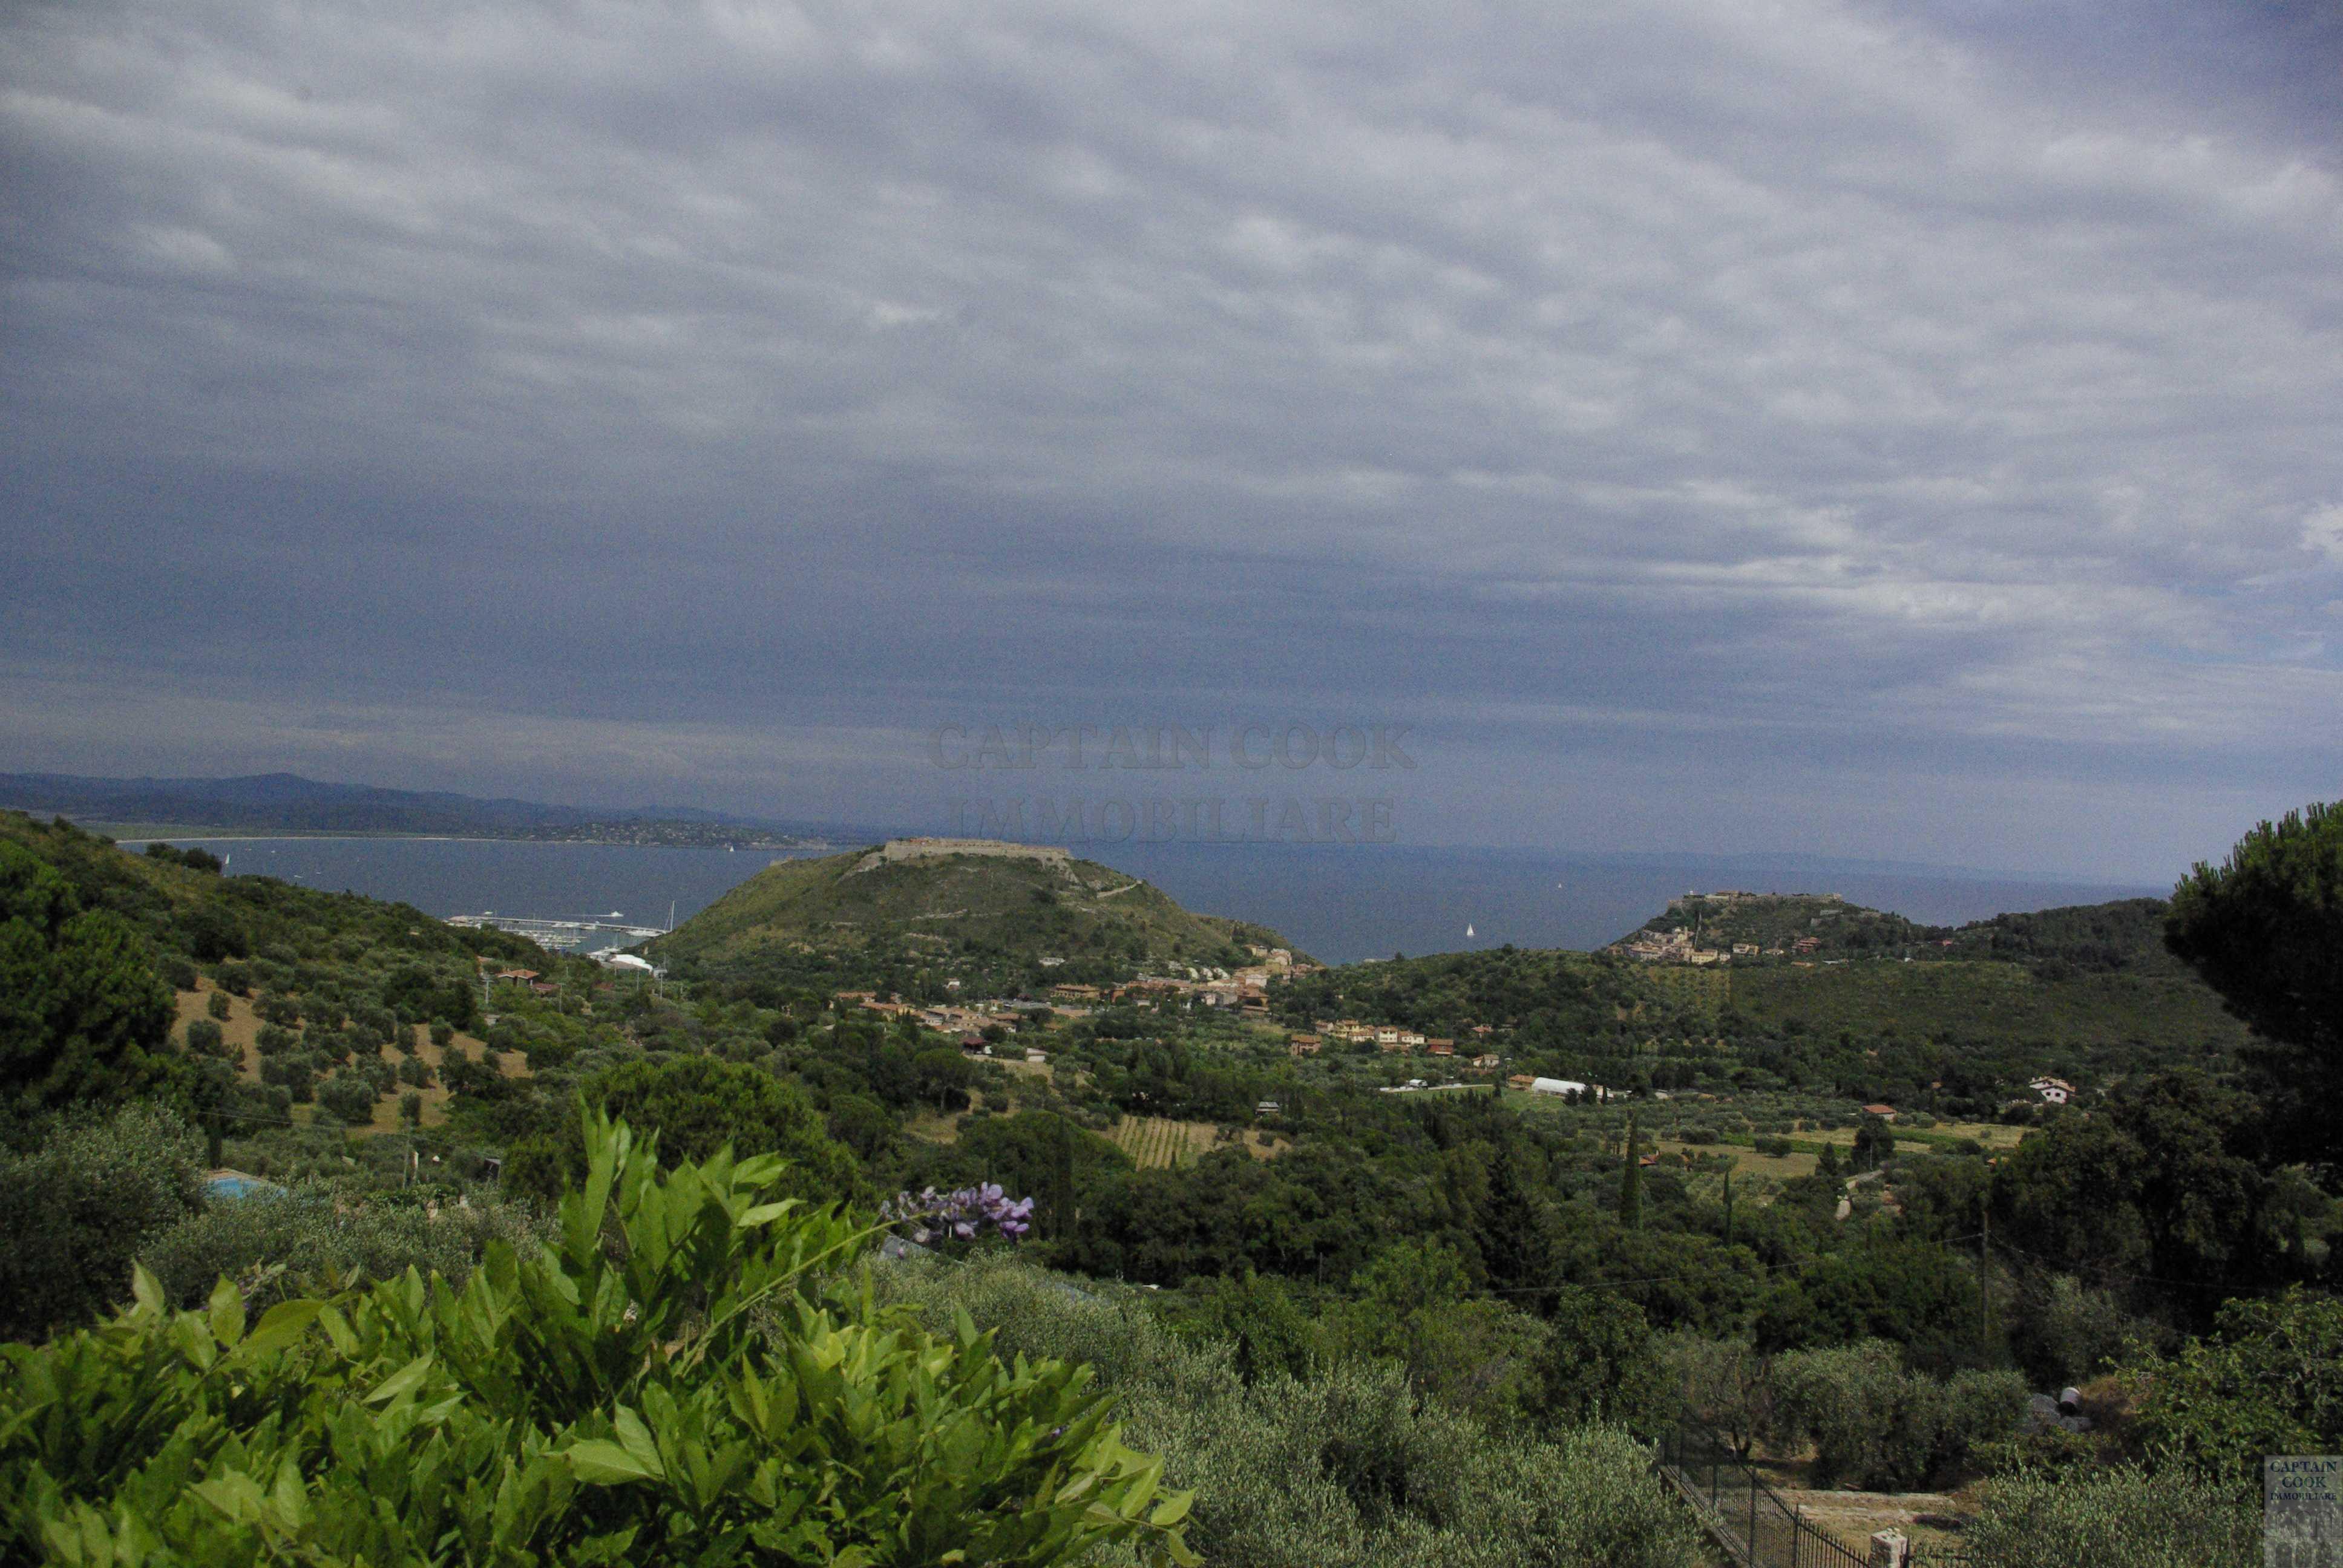 Villa con stupenda vista in collina Porto Ercole Argentario 7/8 ospiti